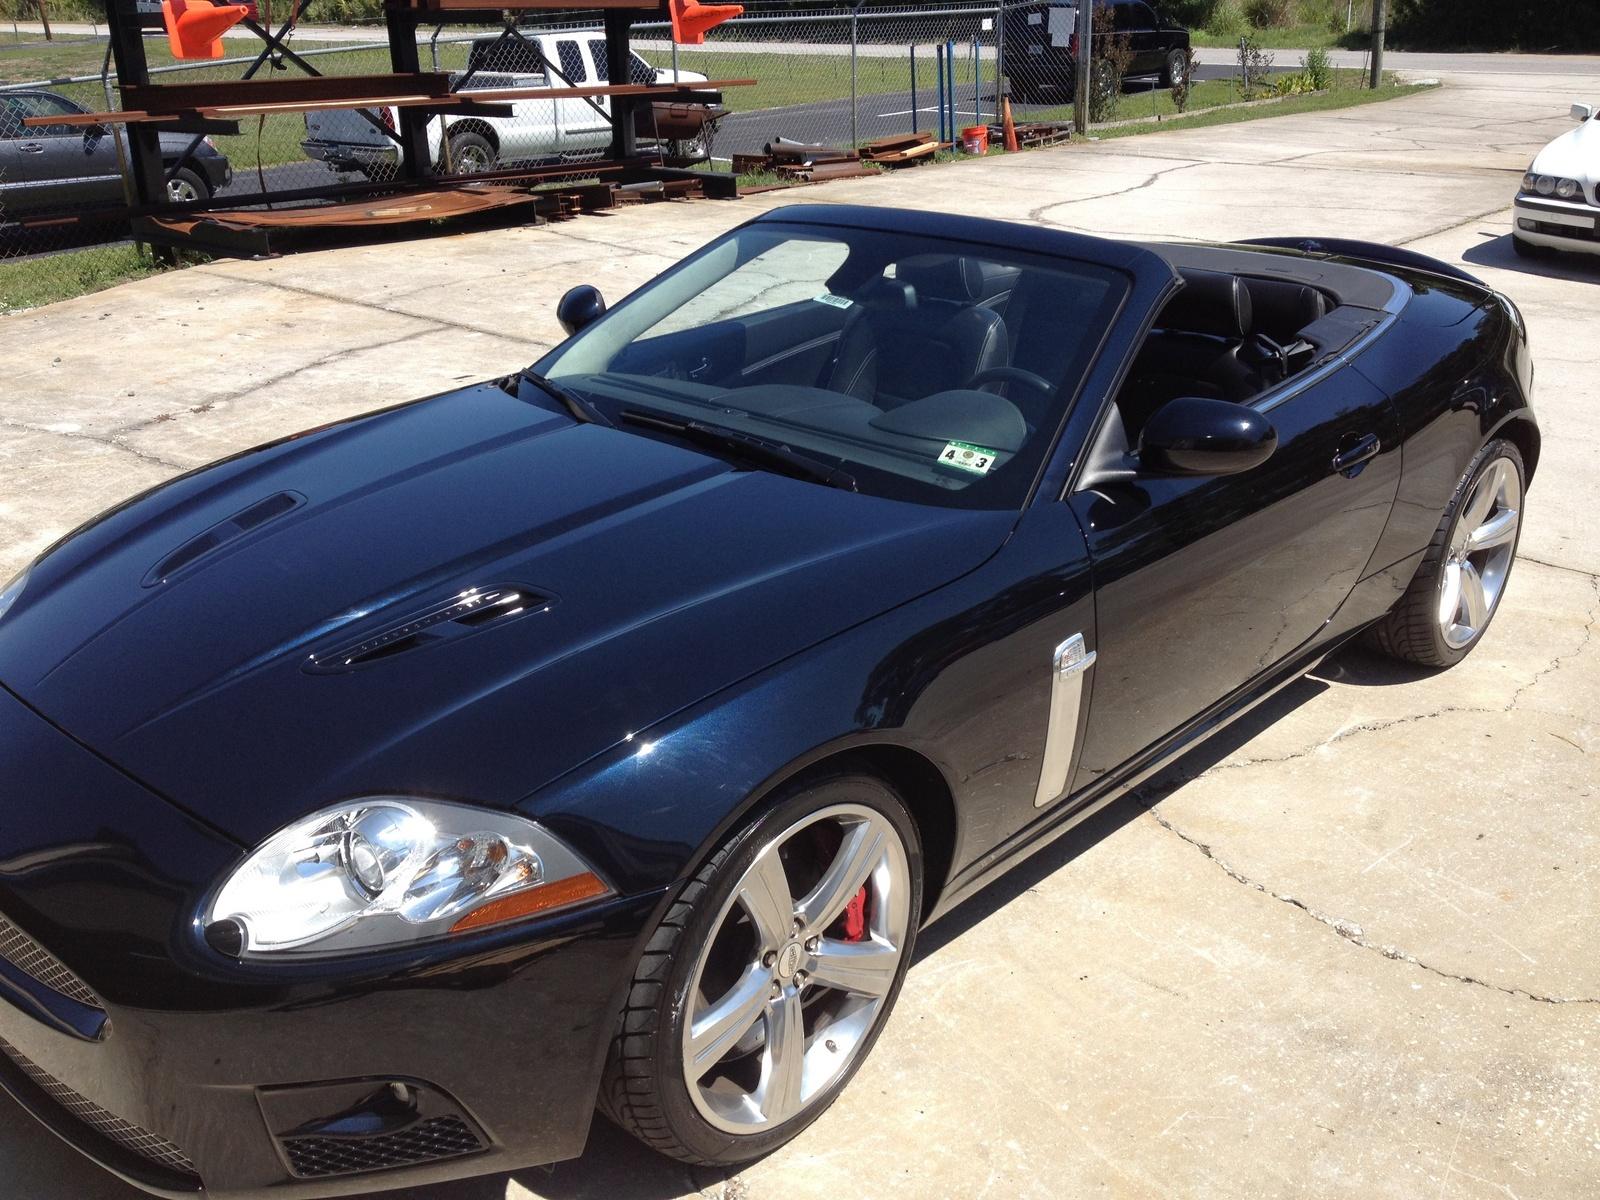 2008 Jaguar XK-Series - Pictures - CarGurus